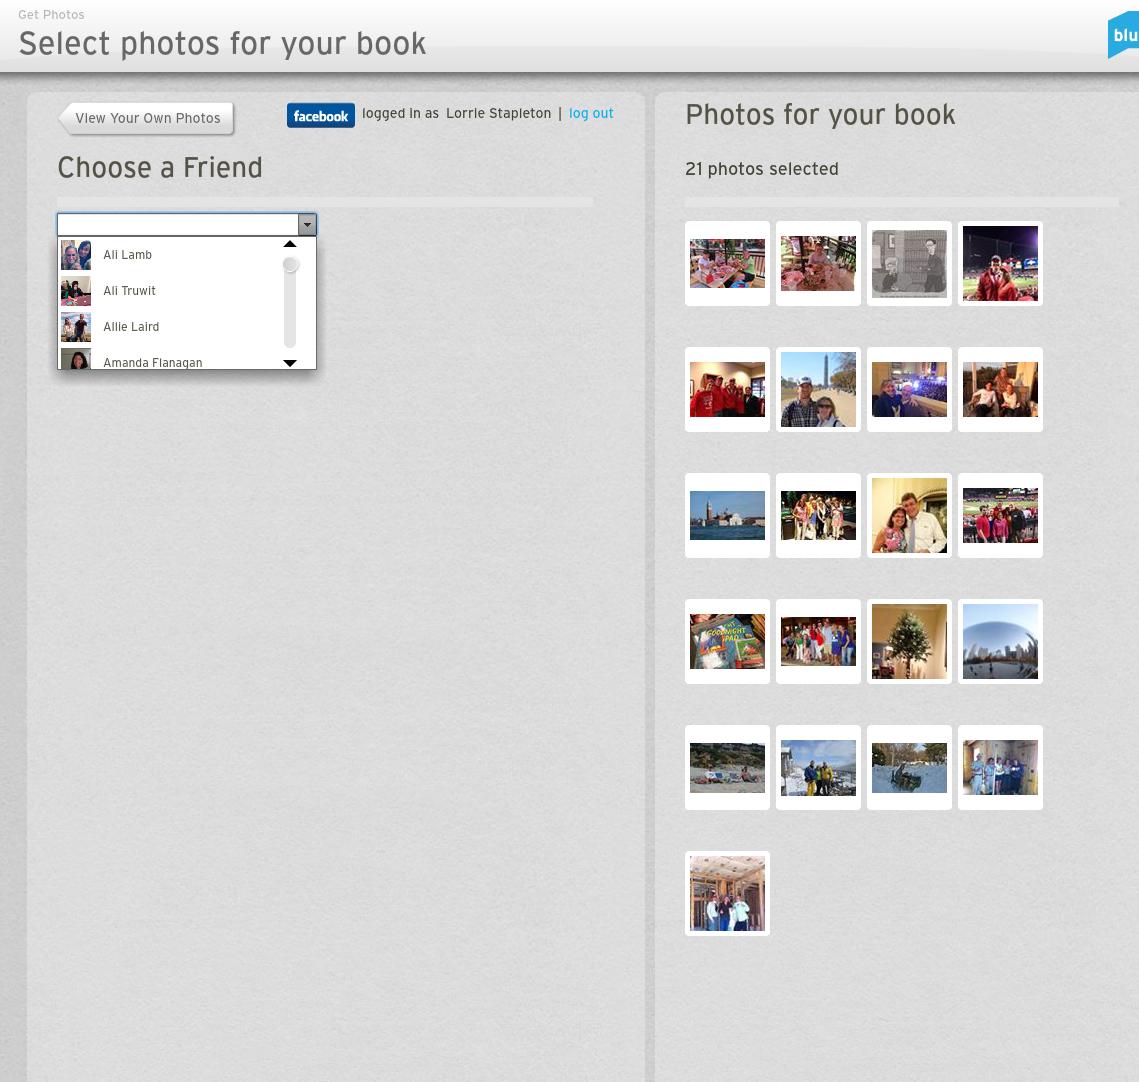 Screen Shot 2013-11-28 at 12.03.27 PM.png